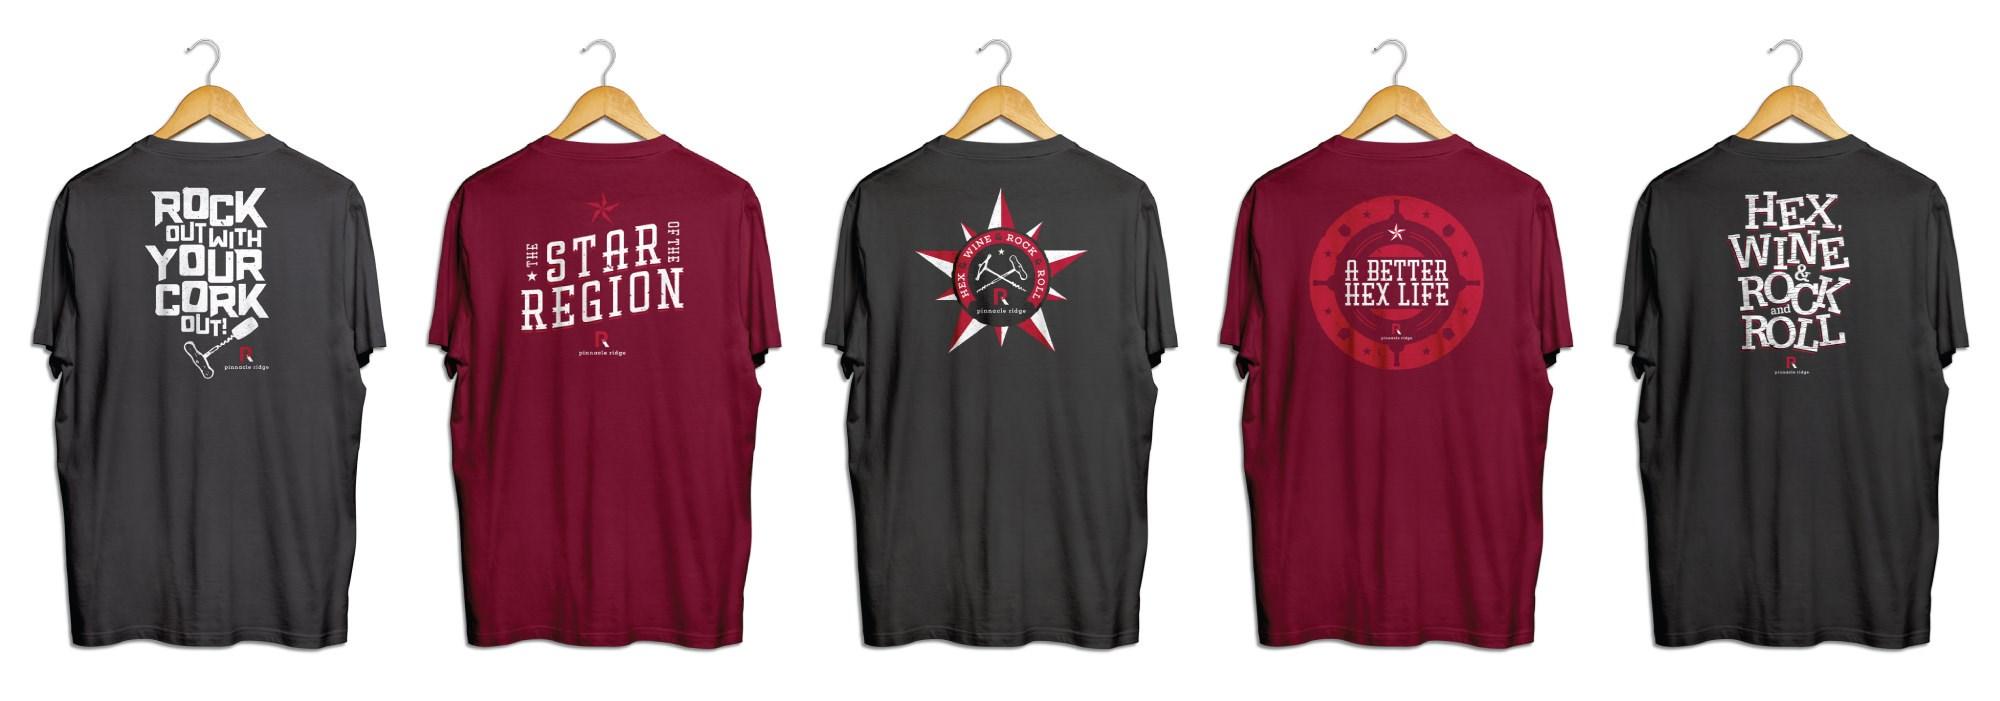 Pinnacle T-Shirts